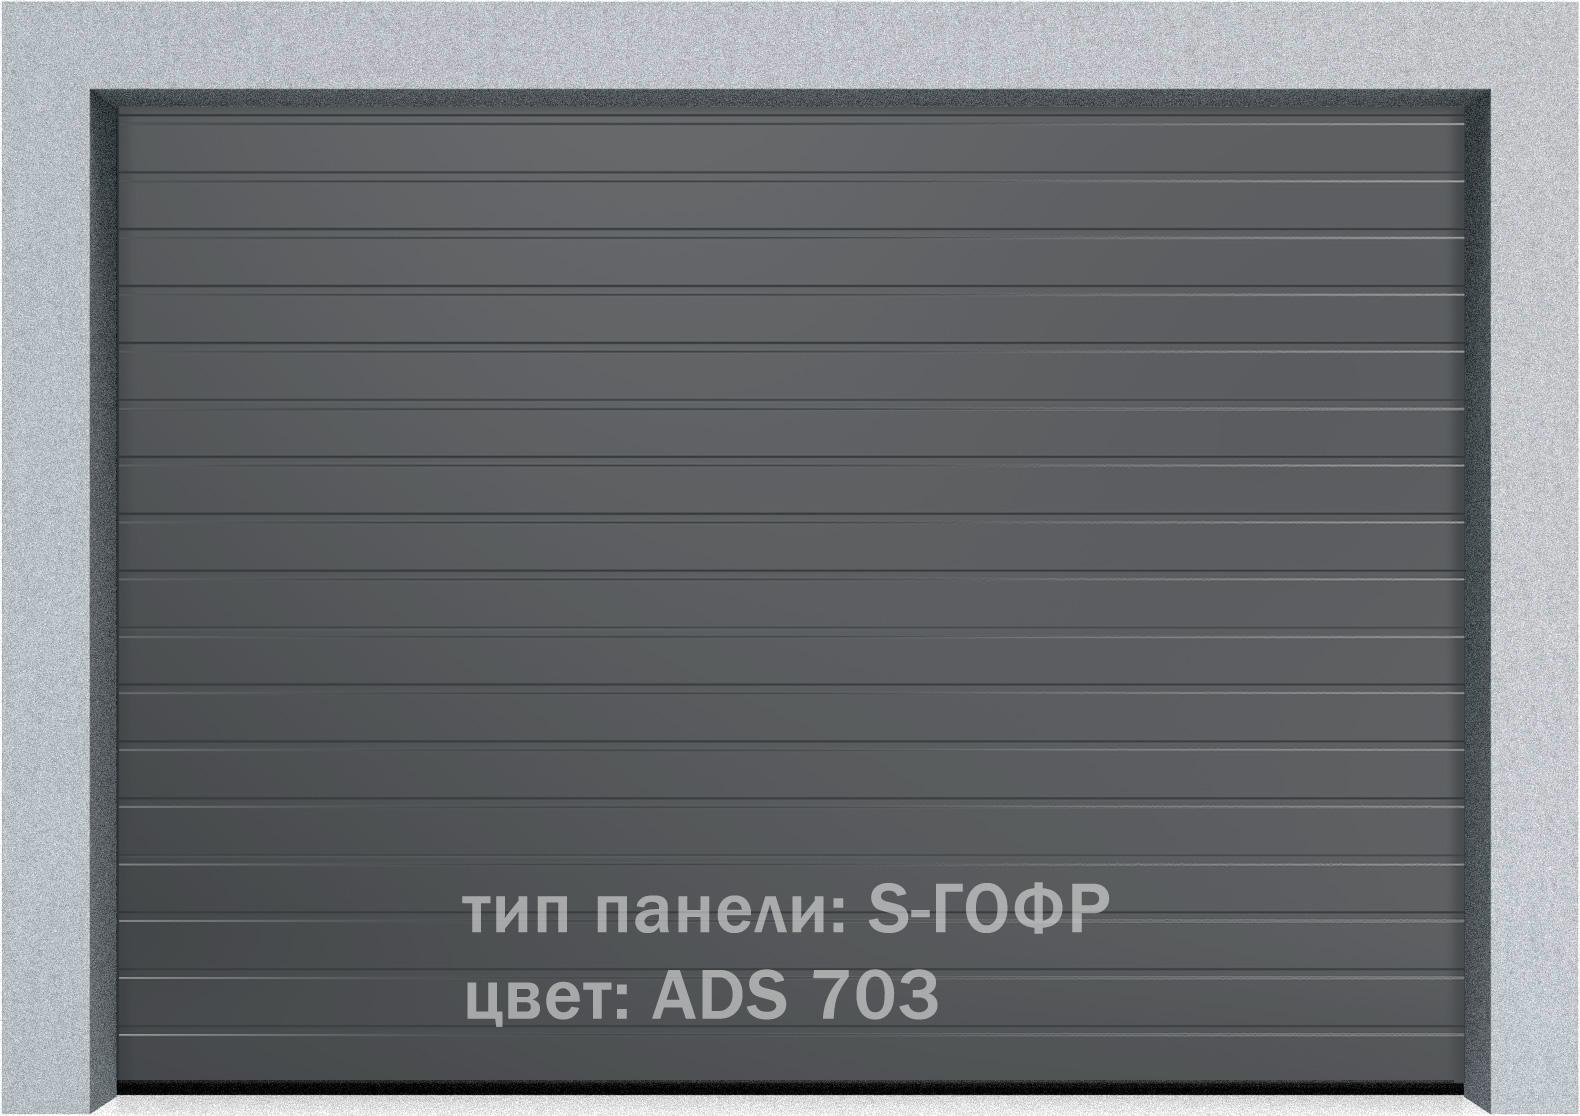 Секционные промышленные ворота Alutech ProTrend 2500х2000 S-гофр, Микроволна стандартные цвета, фото 10